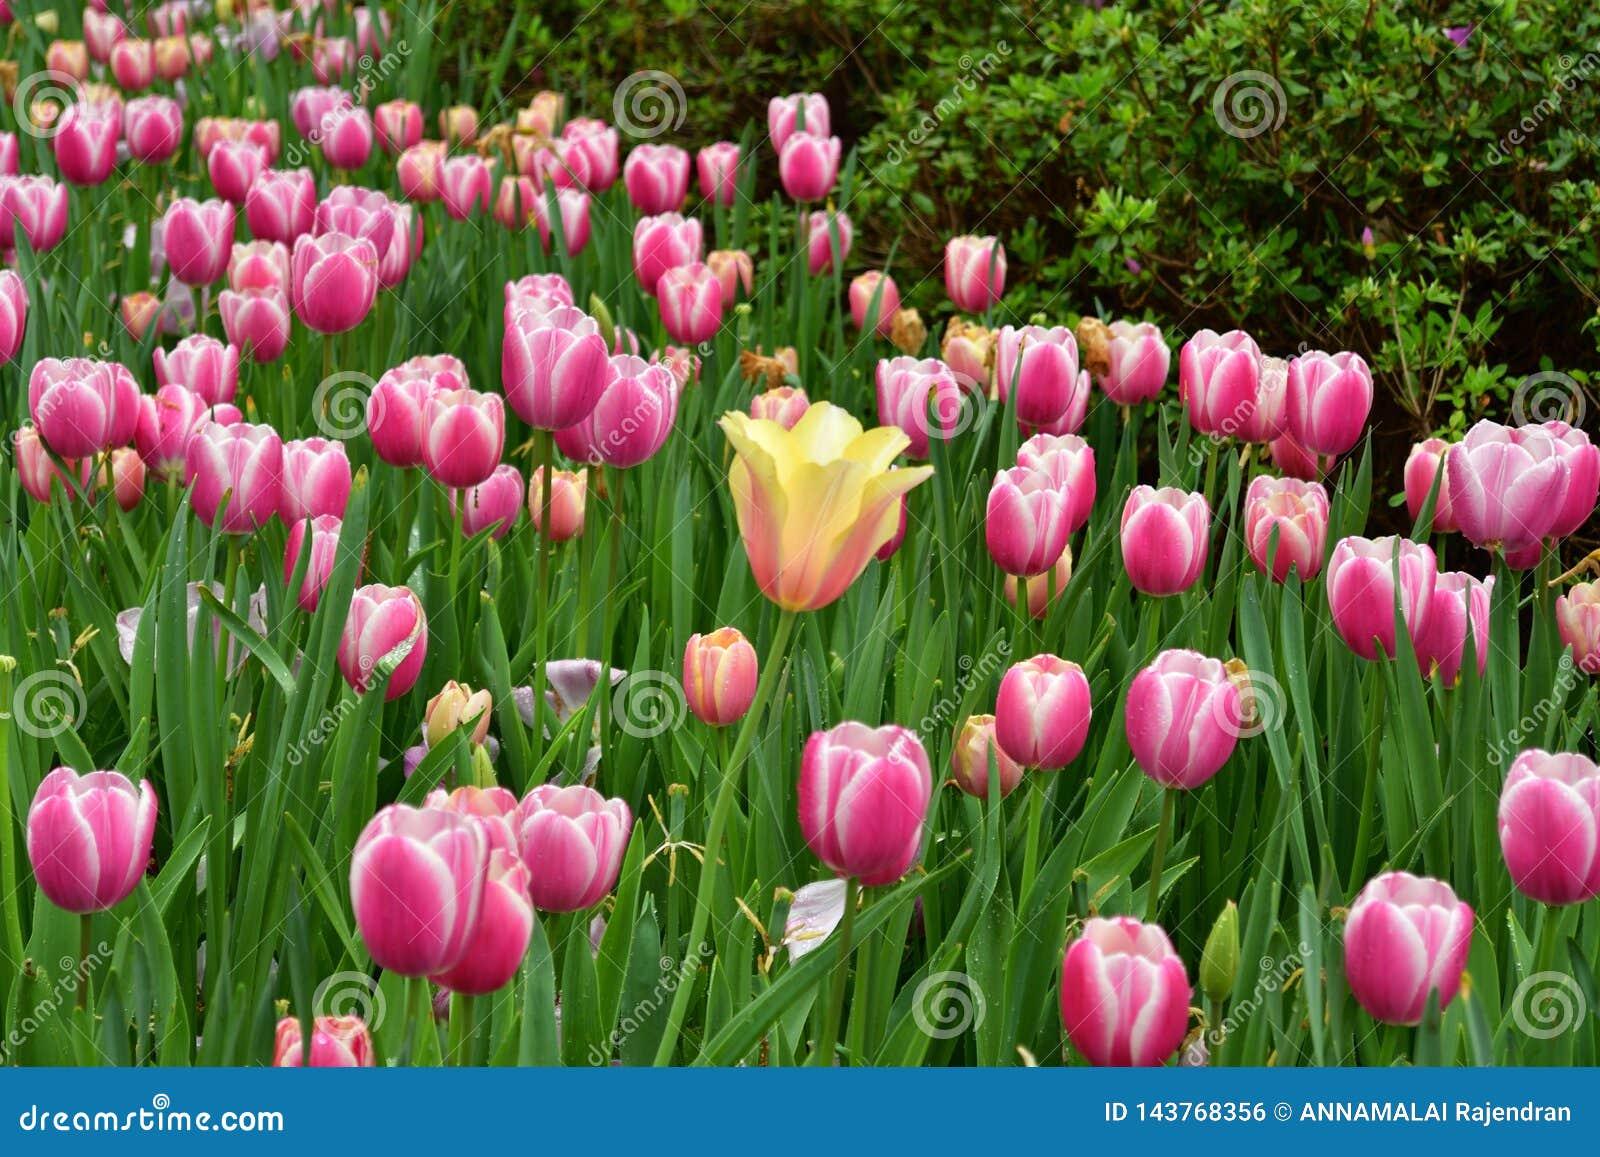 Stehen Sie heraus gelbe Tulpe unter Klingelntulpen